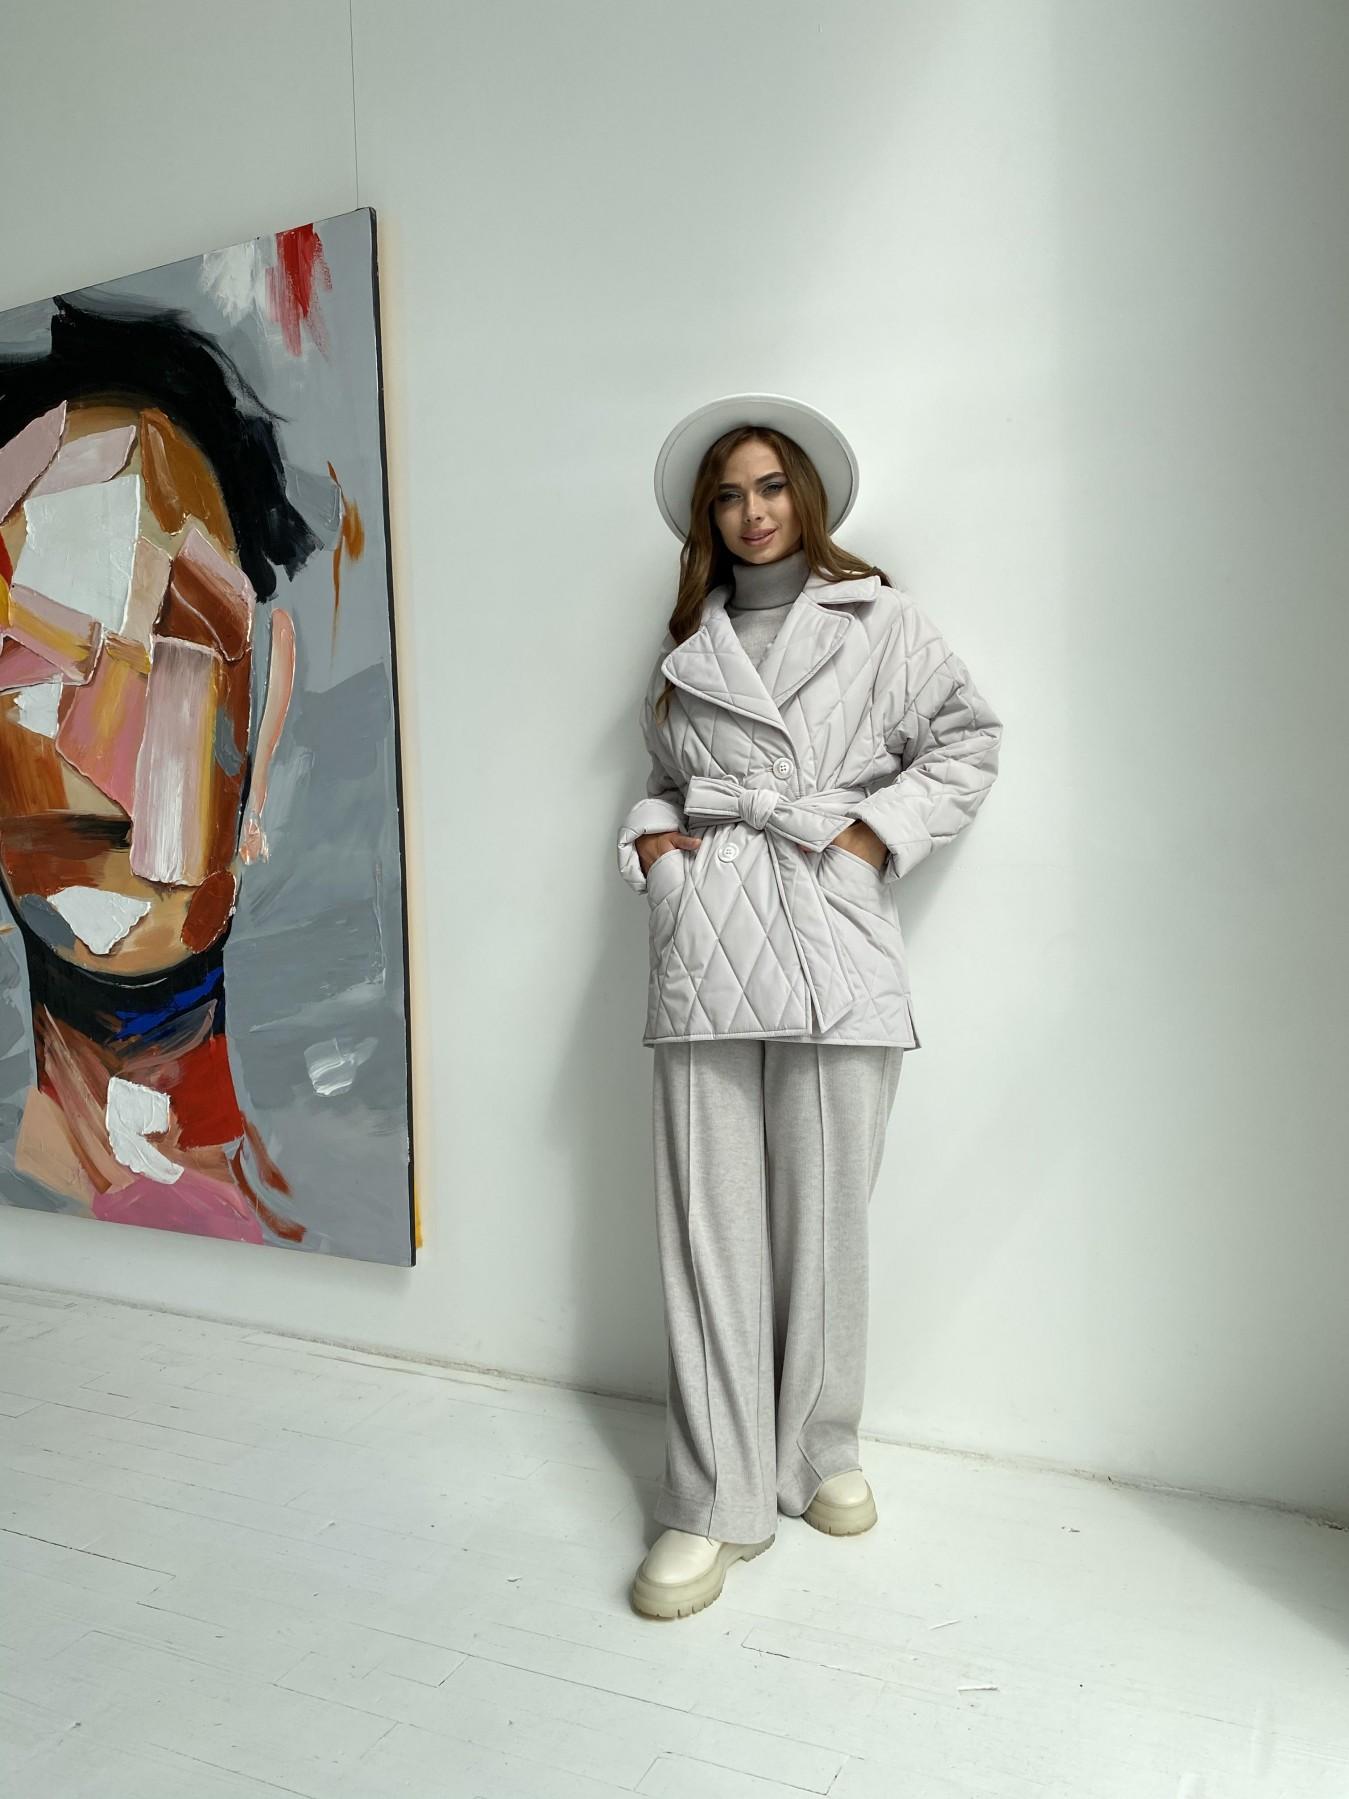 Норд стеганая куртка из плащеки 11770  АРТ. 48510 Цвет: Бежевый 971 - фото 1, интернет магазин tm-modus.ru